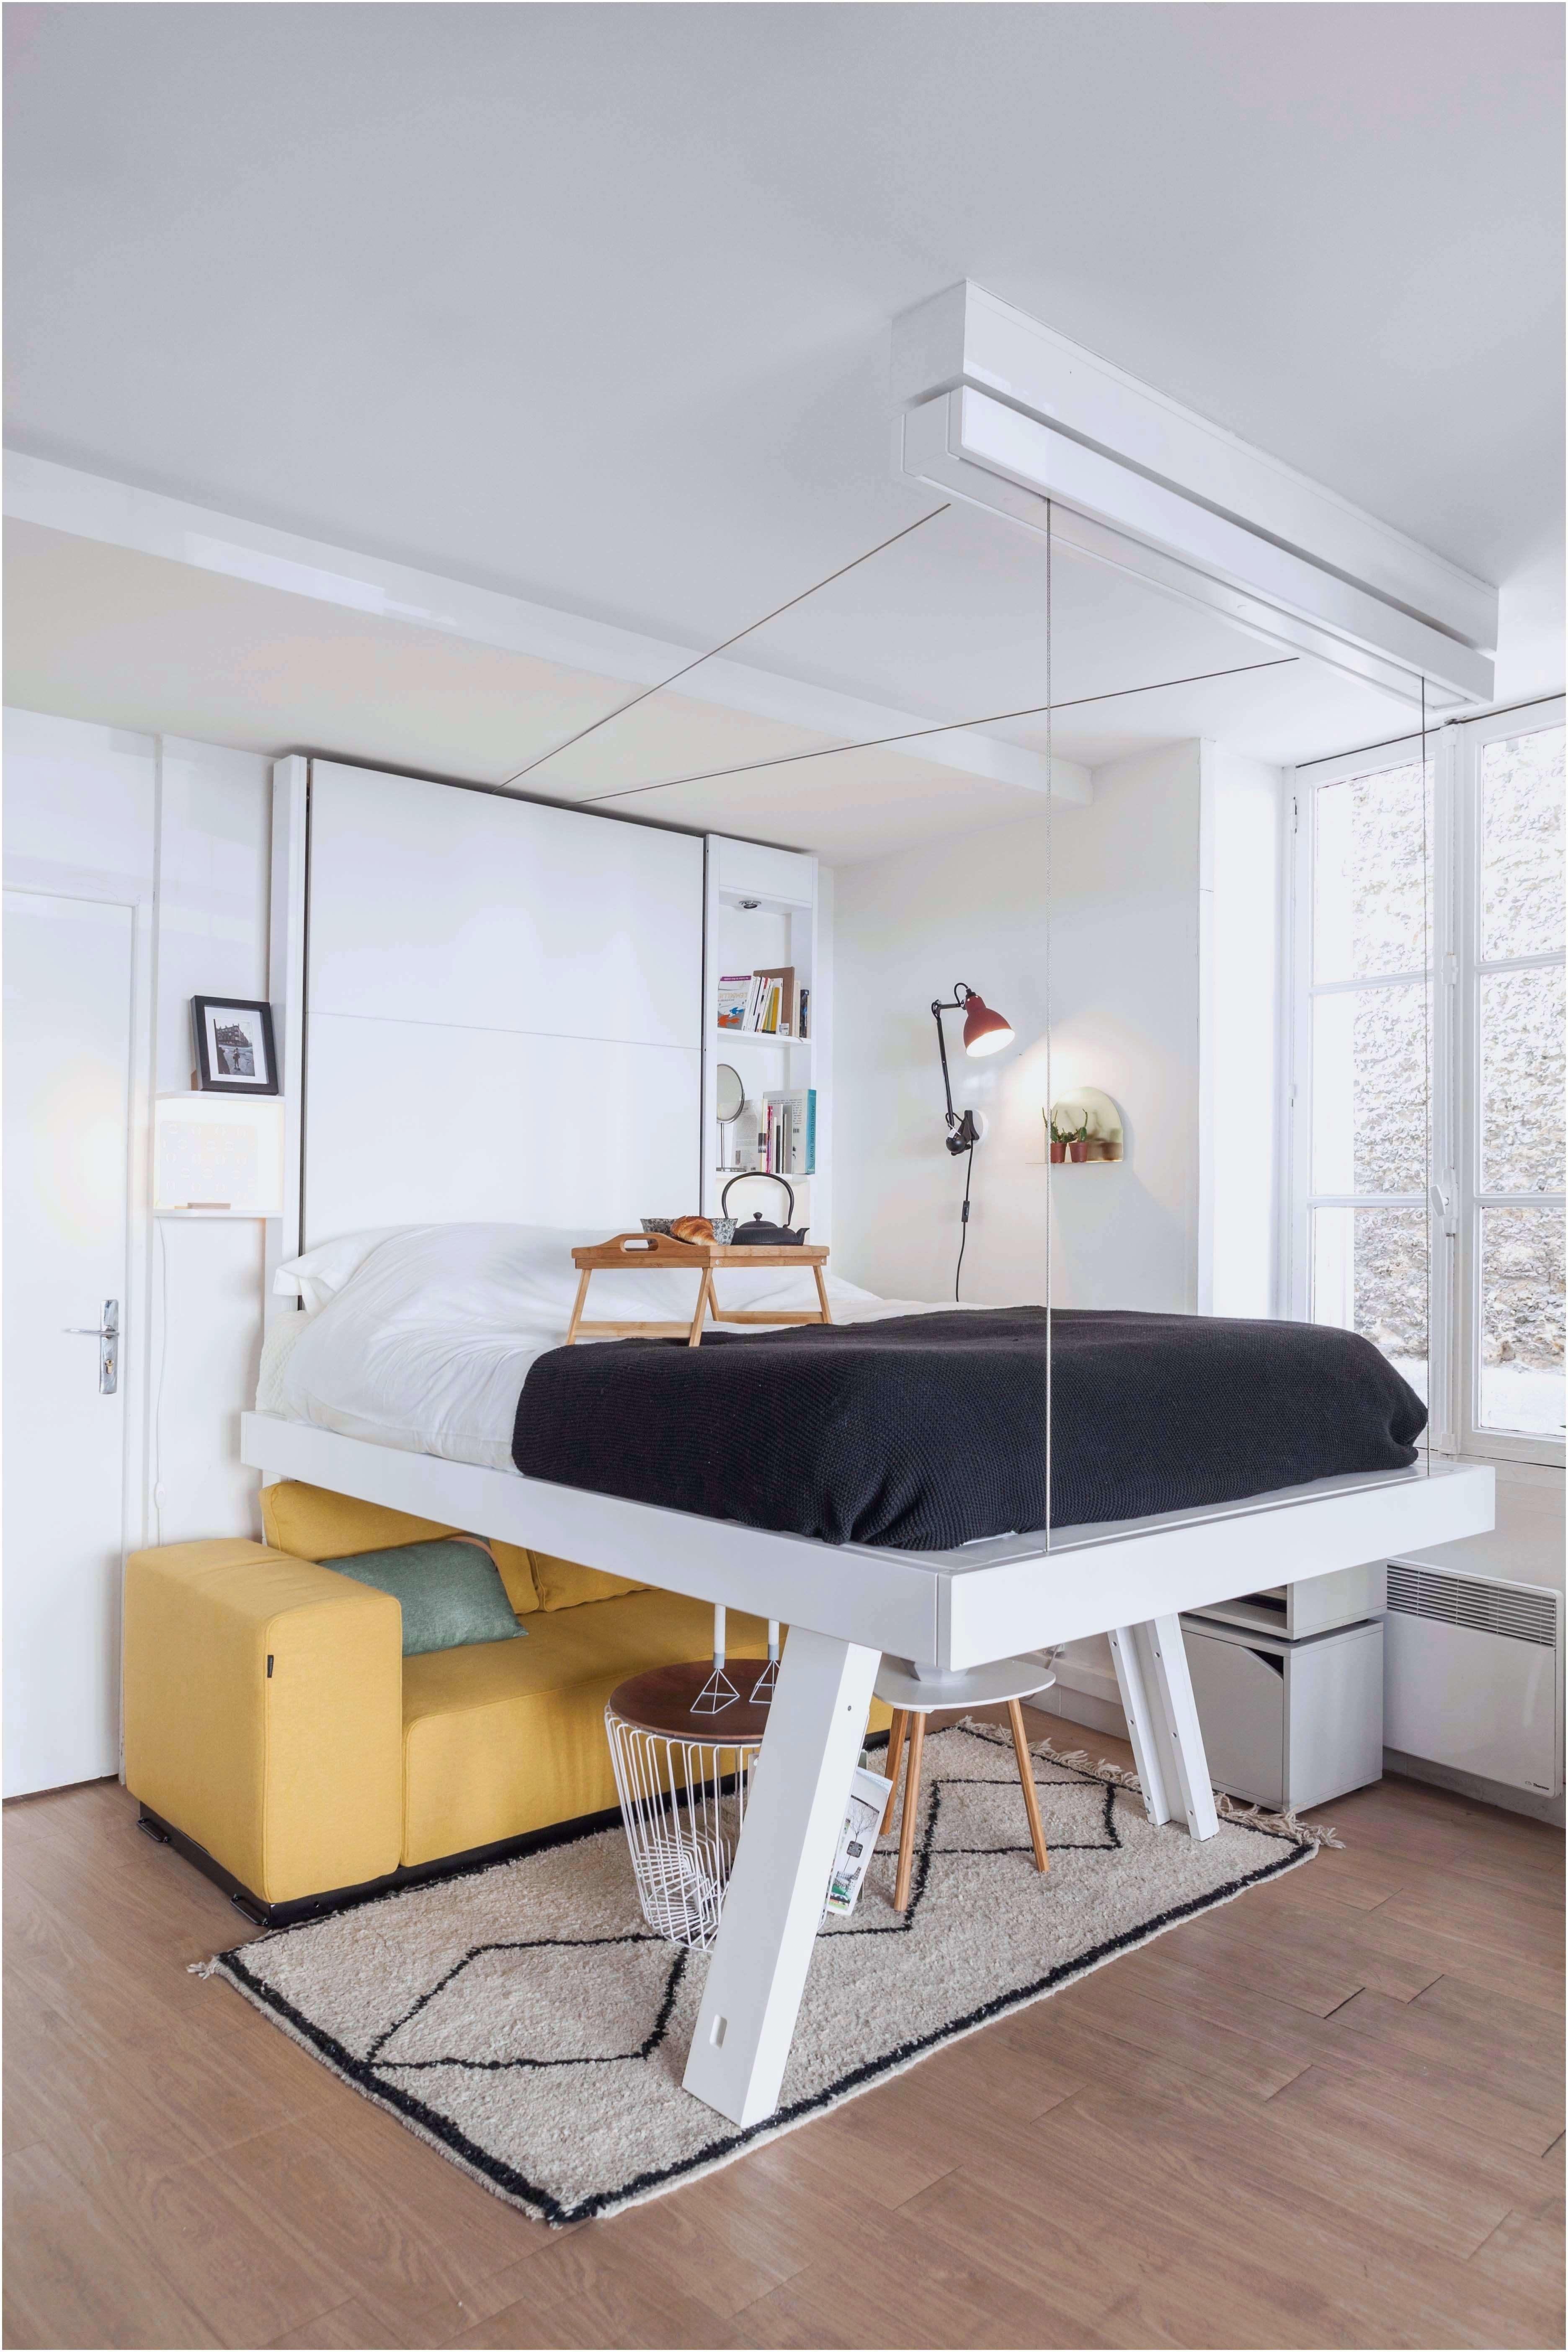 Lit Mezzanine Bas Impressionnant Nouveau Lit Mezzanine Salon Chambre Mezzanine Adulte Beau Mezzanine